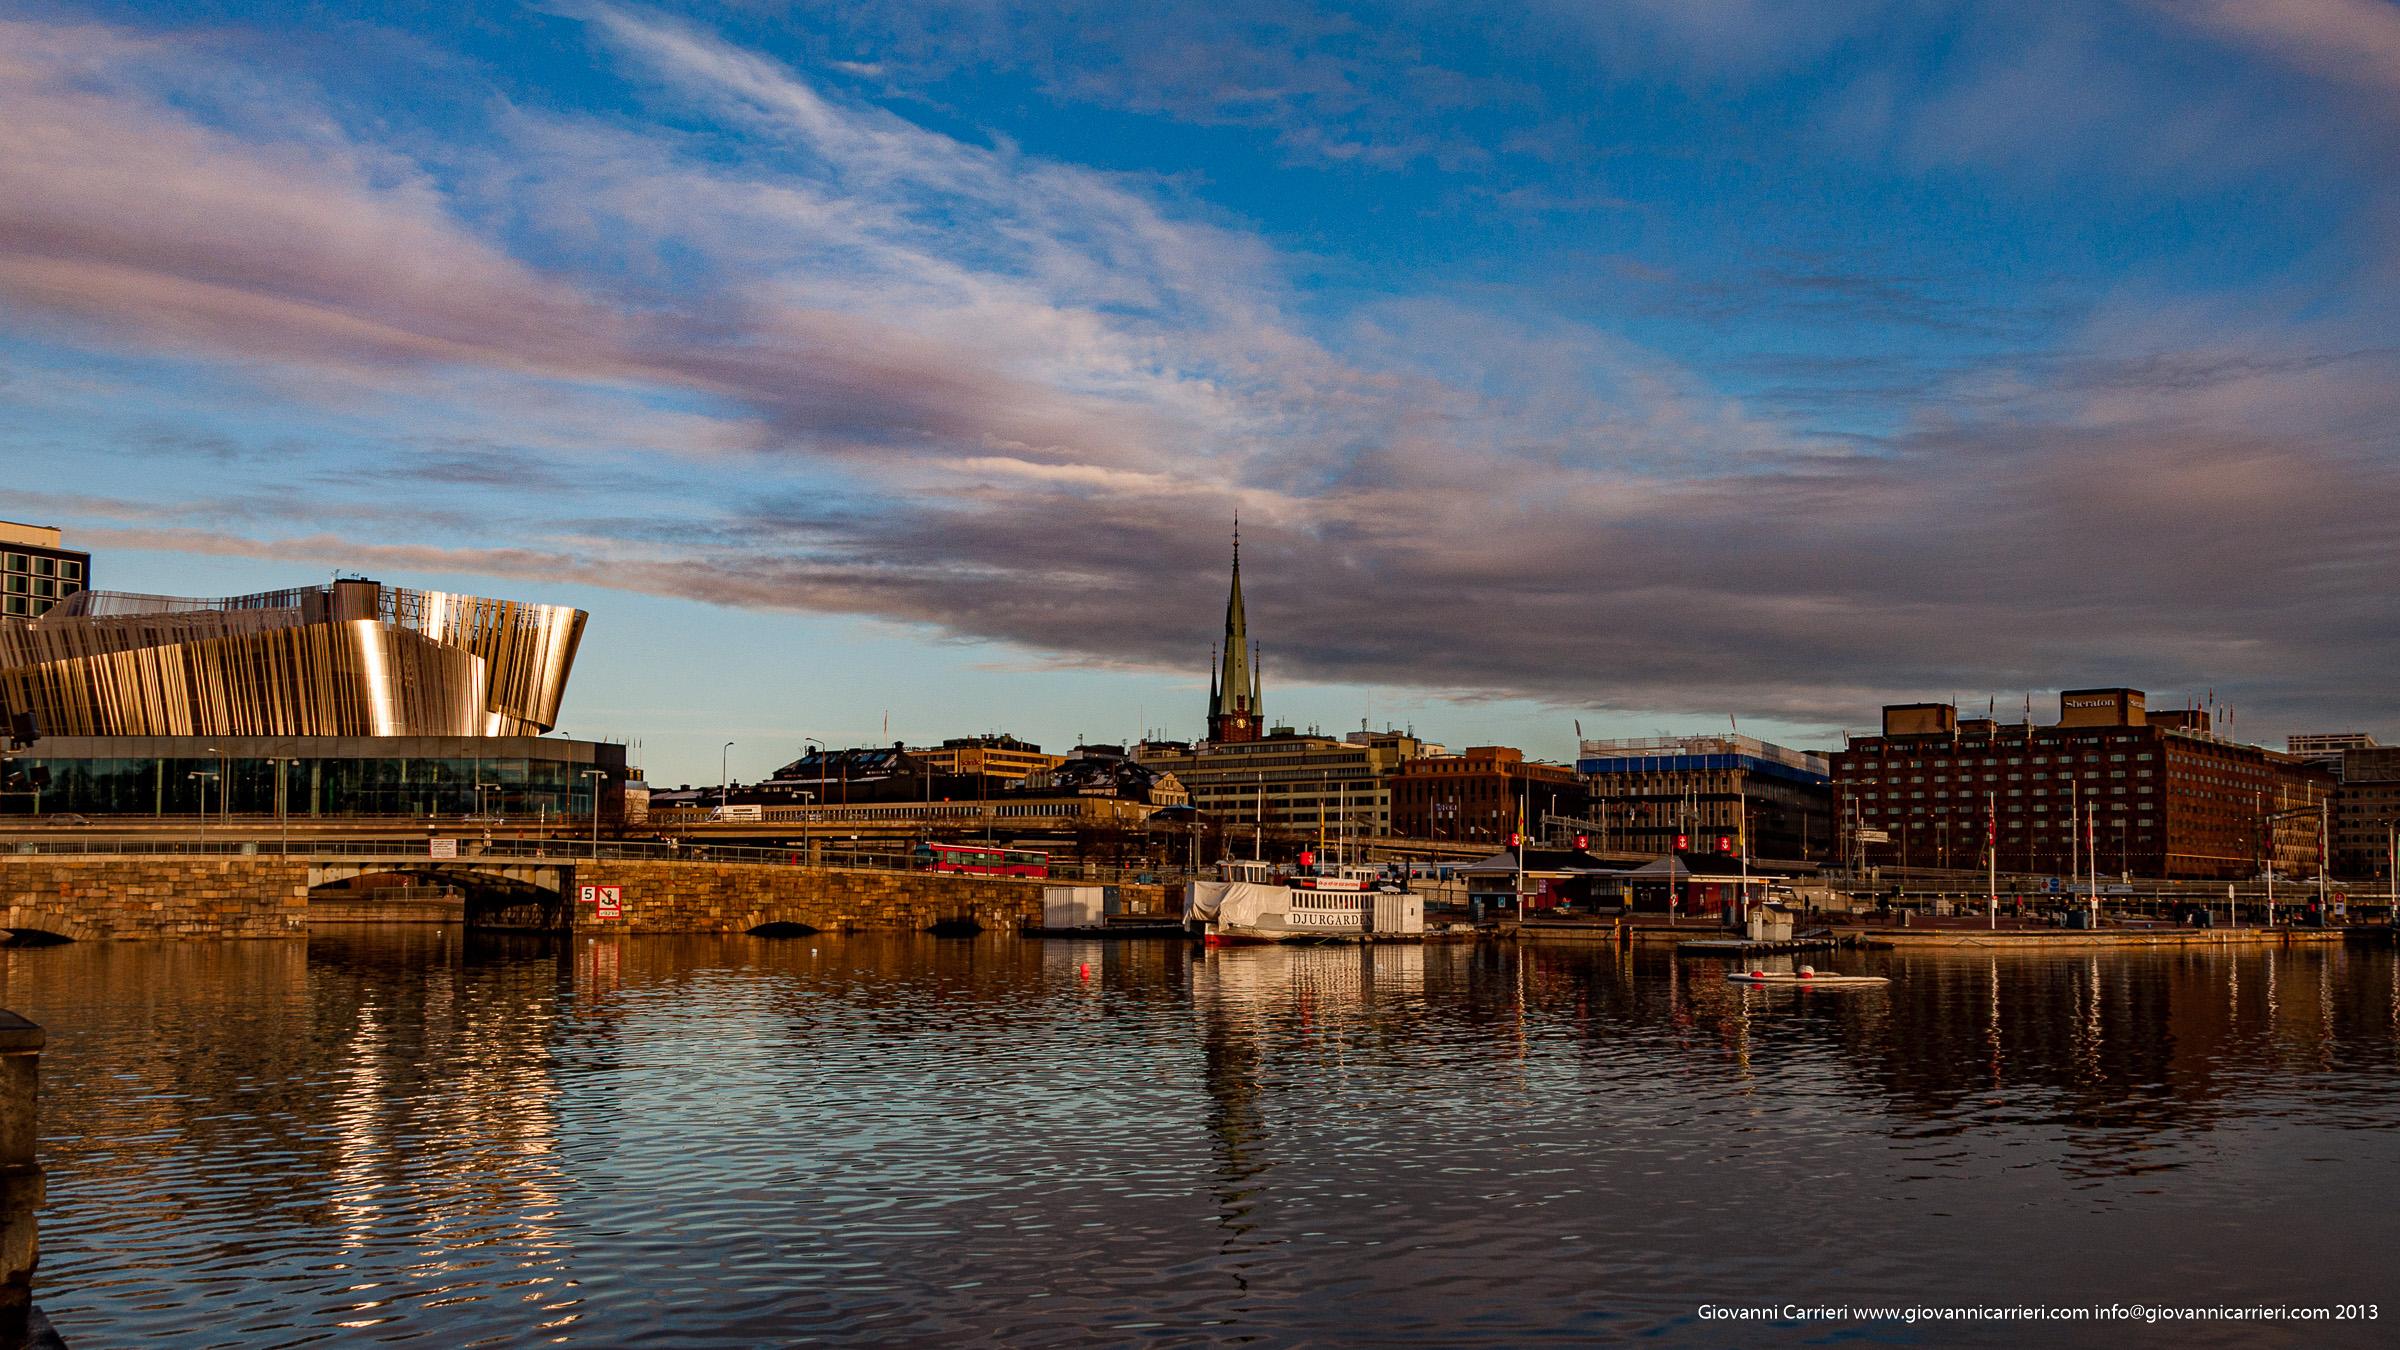 Centro città - Stoccolma